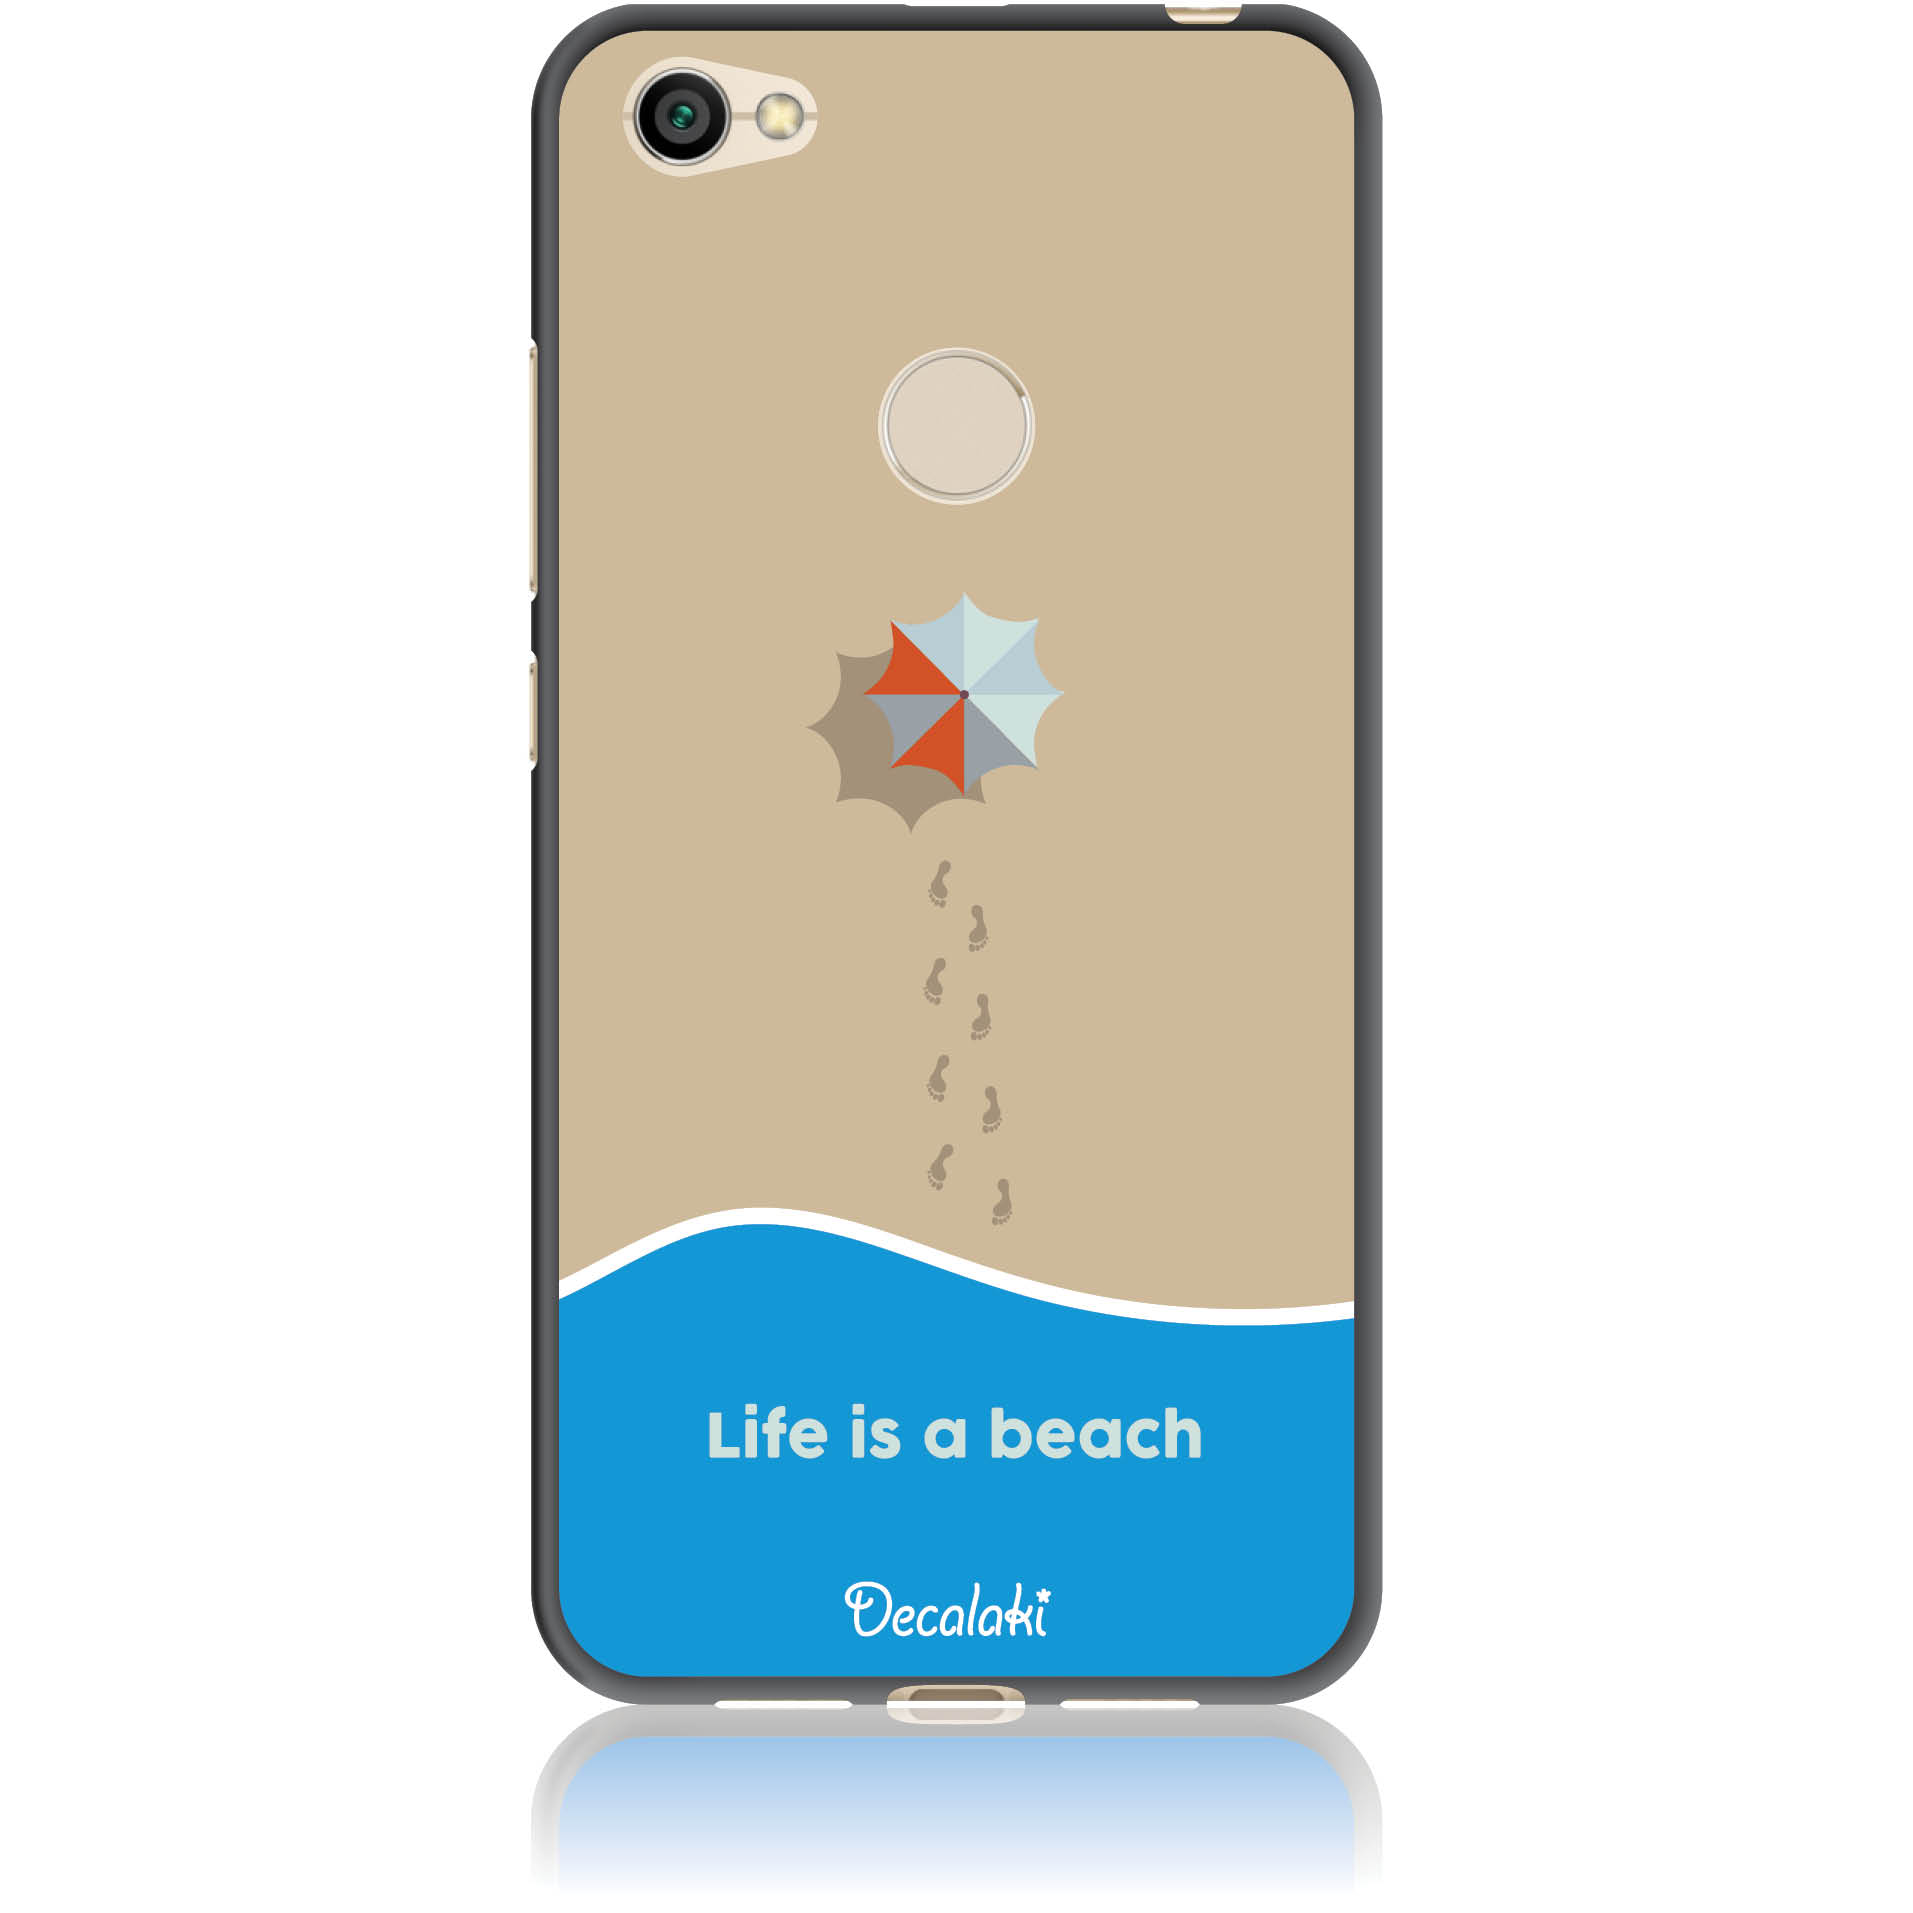 Life Is A Beach Phone Case Design 50430  -  Xiaomi Redmi Note 5a Prime  -  Soft Tpu Case